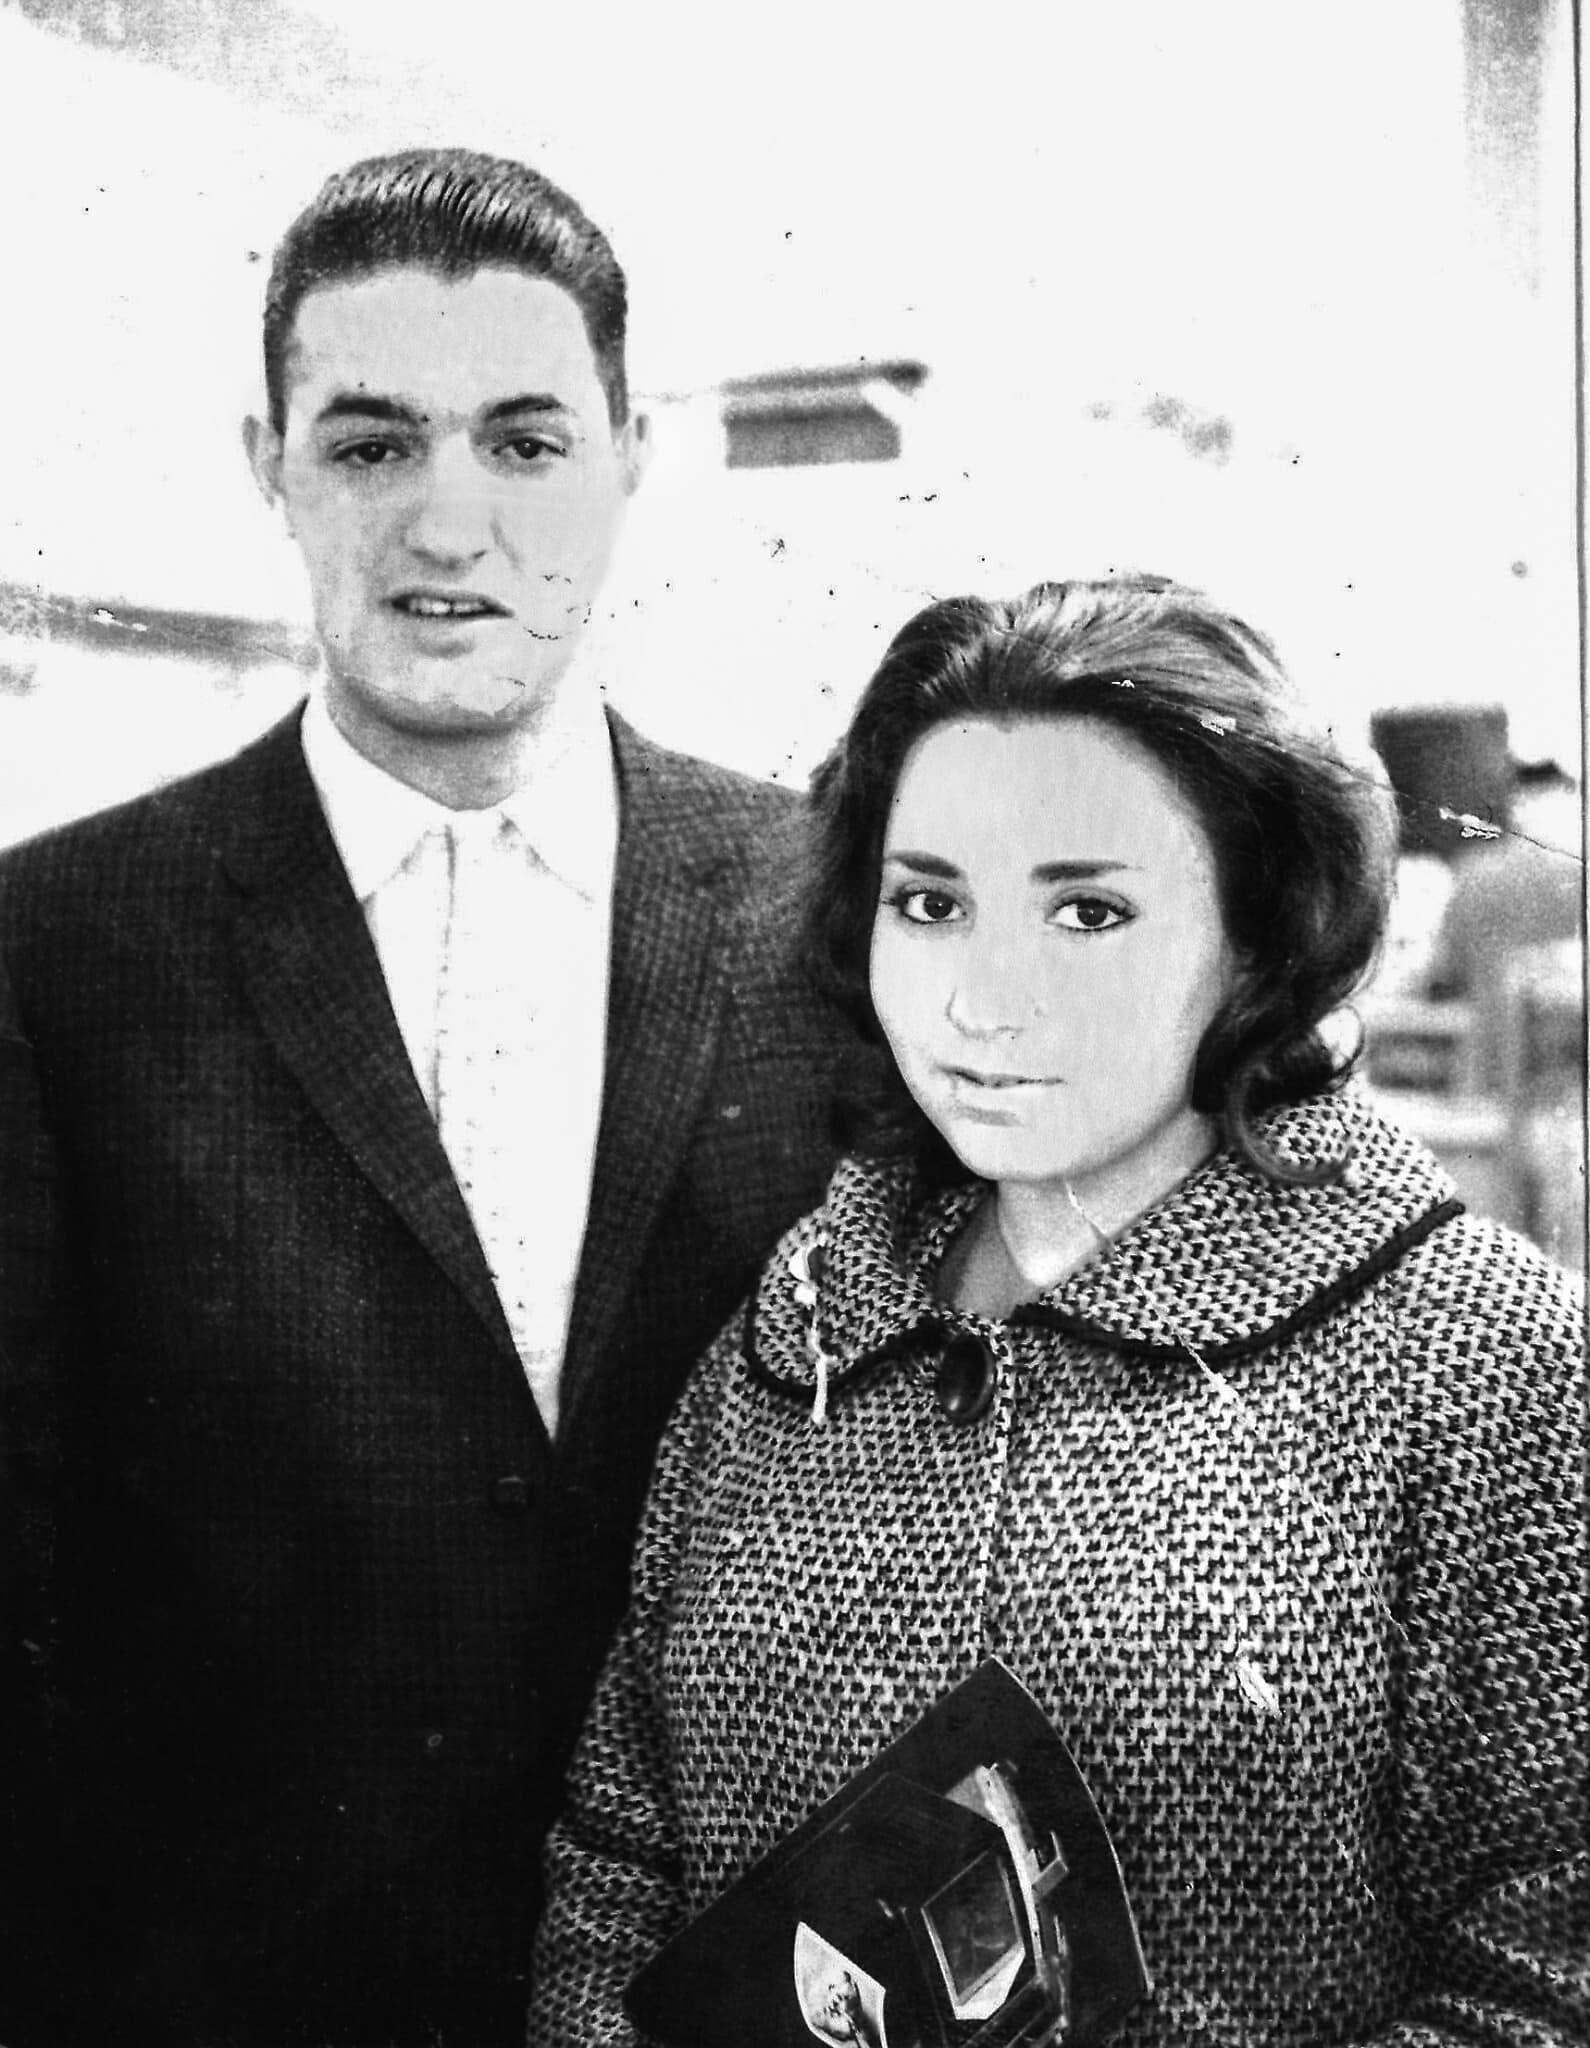 מרגרט ארל וג'ורג' כץ, כשמרגרגט היתה בחודש השישי להריונה ולפני שנשלחה למוסד לנשים יהודיות בהריון שאינן נשואות, ב-1961 (צילום: באדיבות מרגרט ארל כץ)